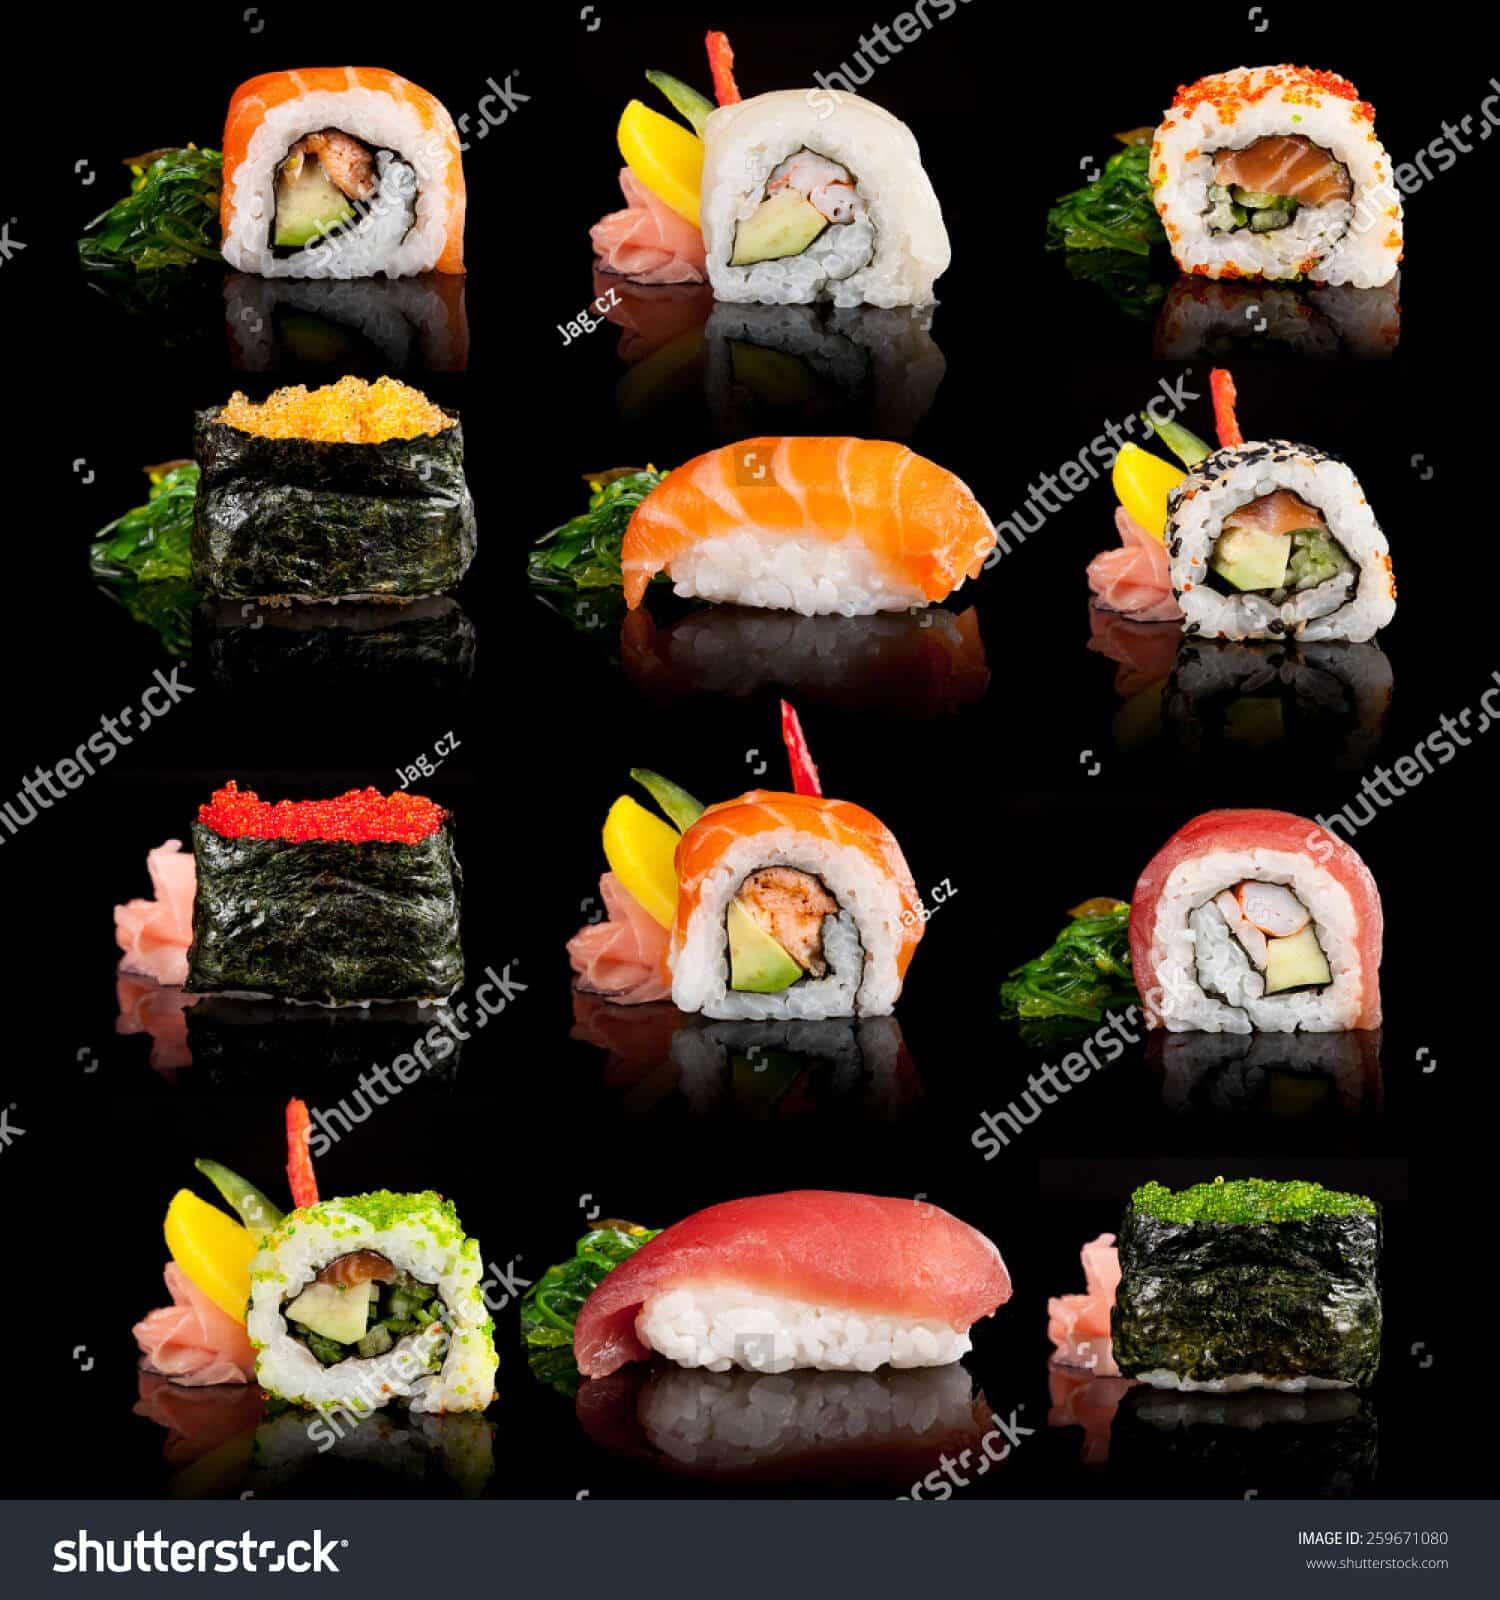 447.415 ảnh Sushi tuyệt đẹp giá siêu rẻ dành cho bạn